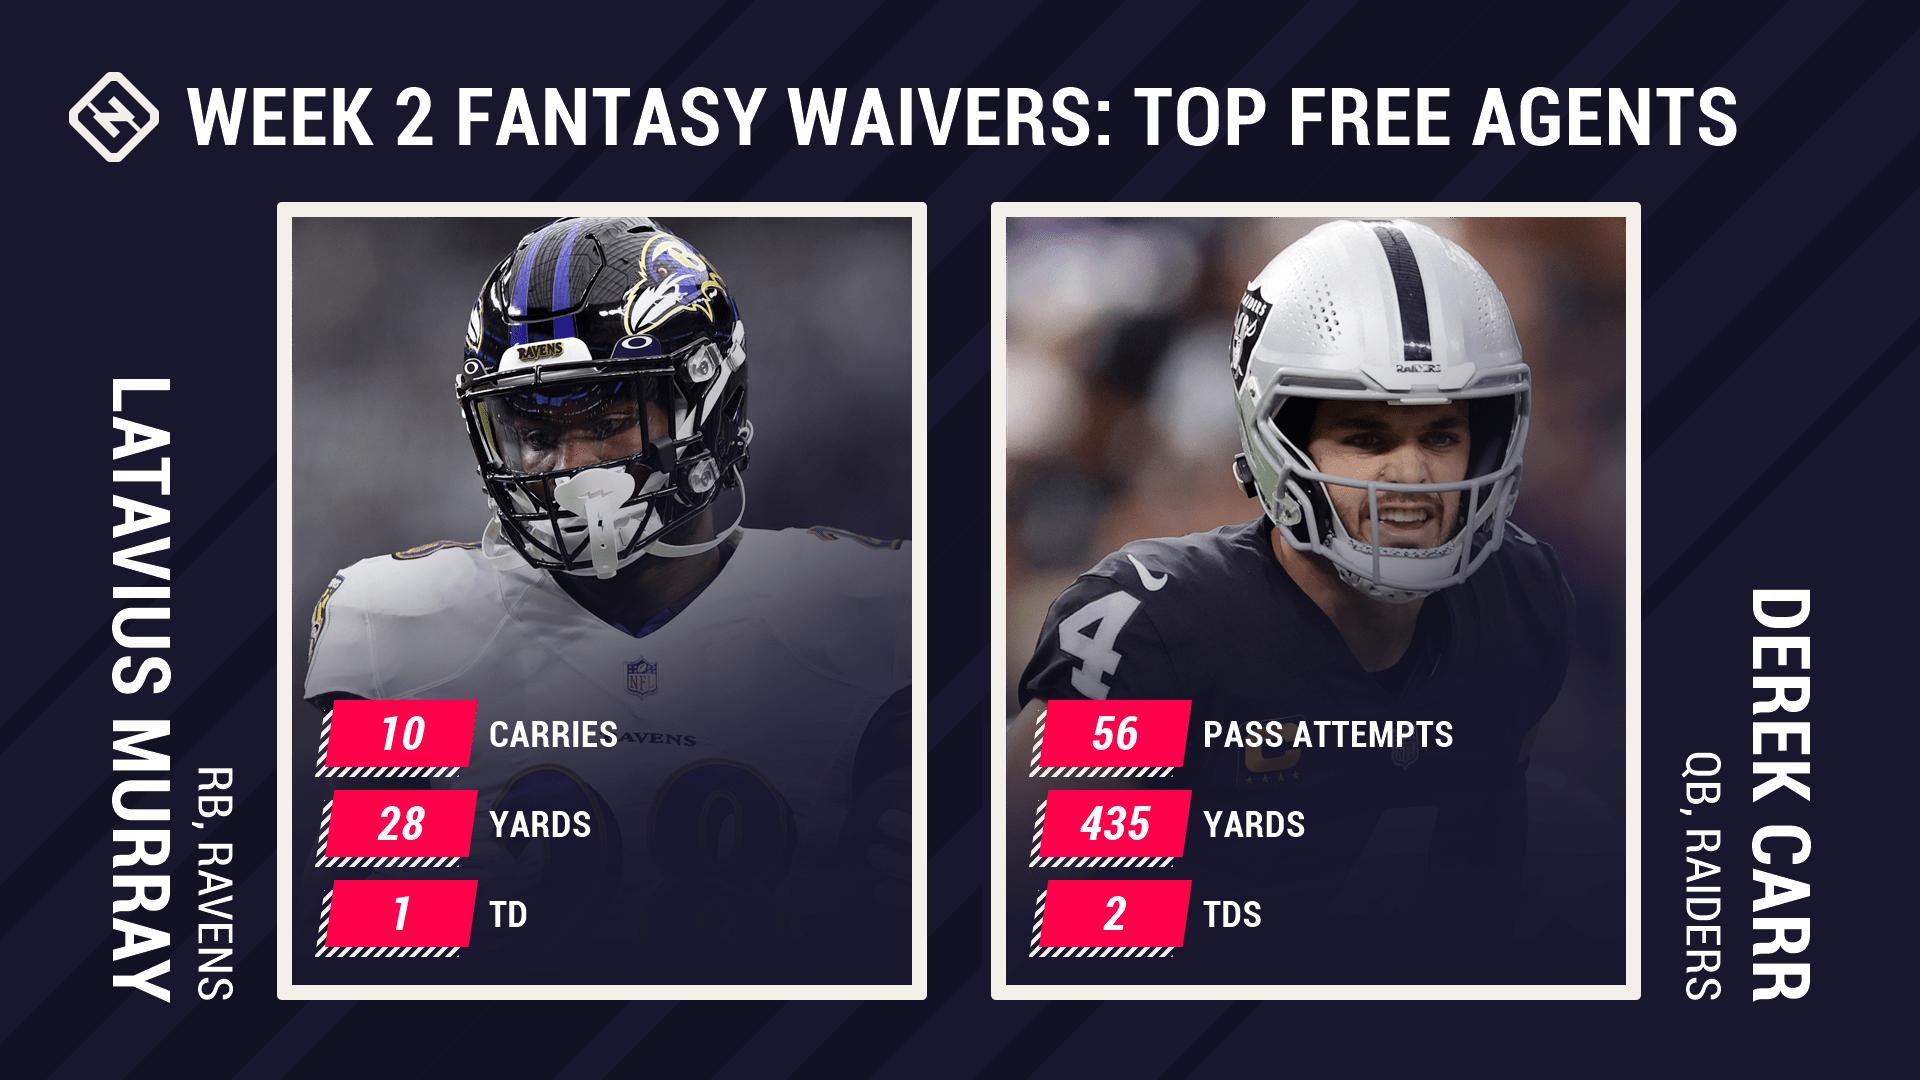 week 2 fantasy waivers